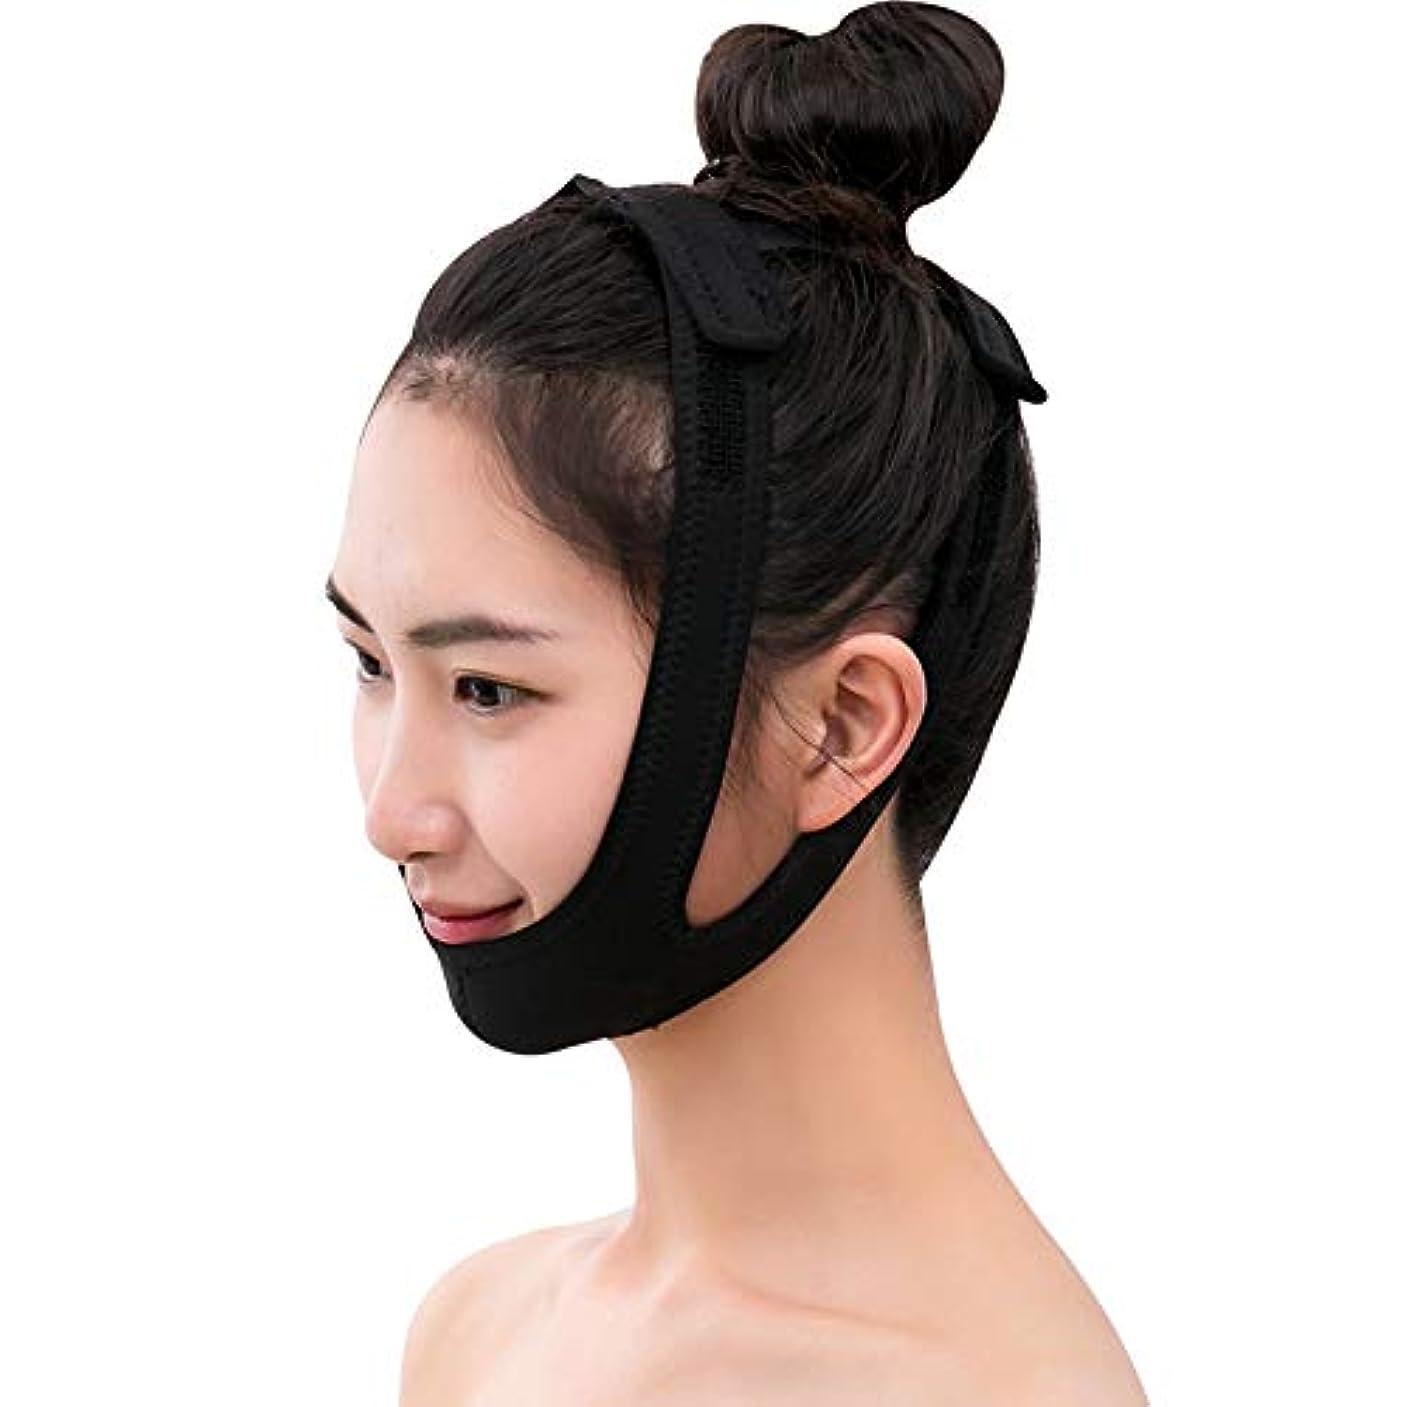 穏やかな同盟ブラストフェイスリフトベルト 薄いフェイスバンド - 薄い顔の包帯ビューティーインストゥルメントフェイシャルリフト睡眠マスク法Vフェイスマスクの通気性を作る